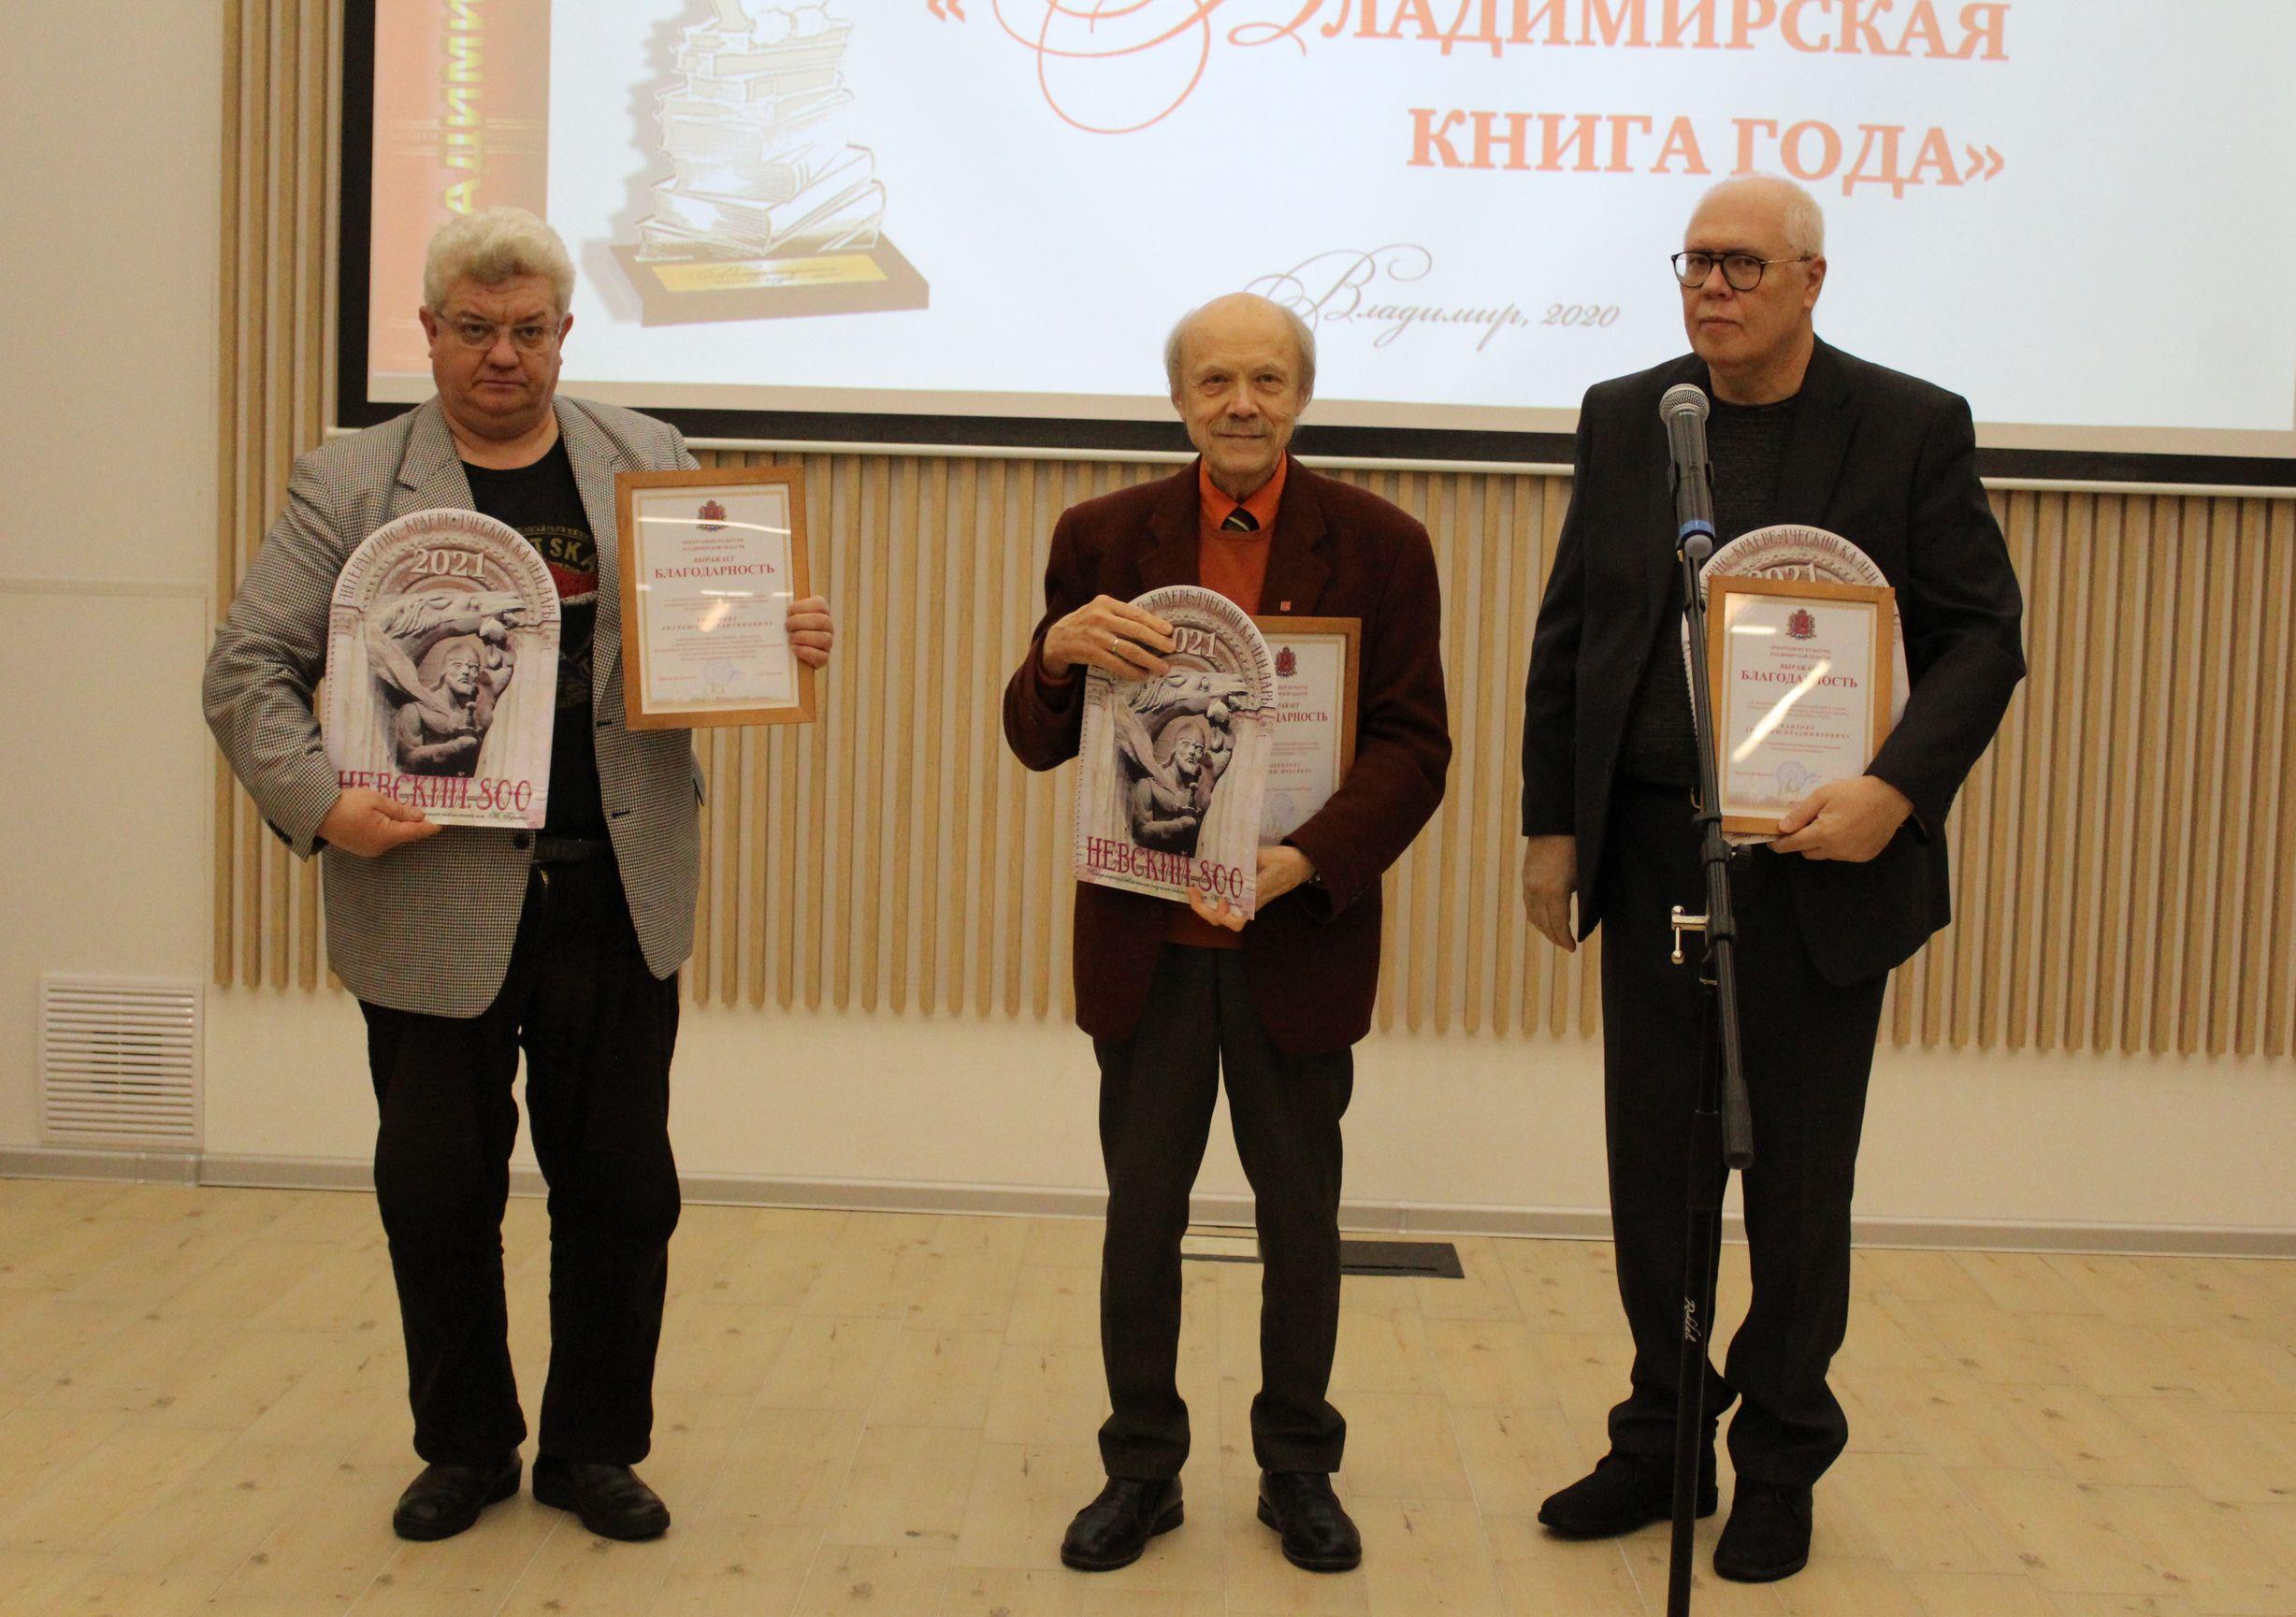 Награждение членов конкурсной комиссии благодарностями от Департамента культуры